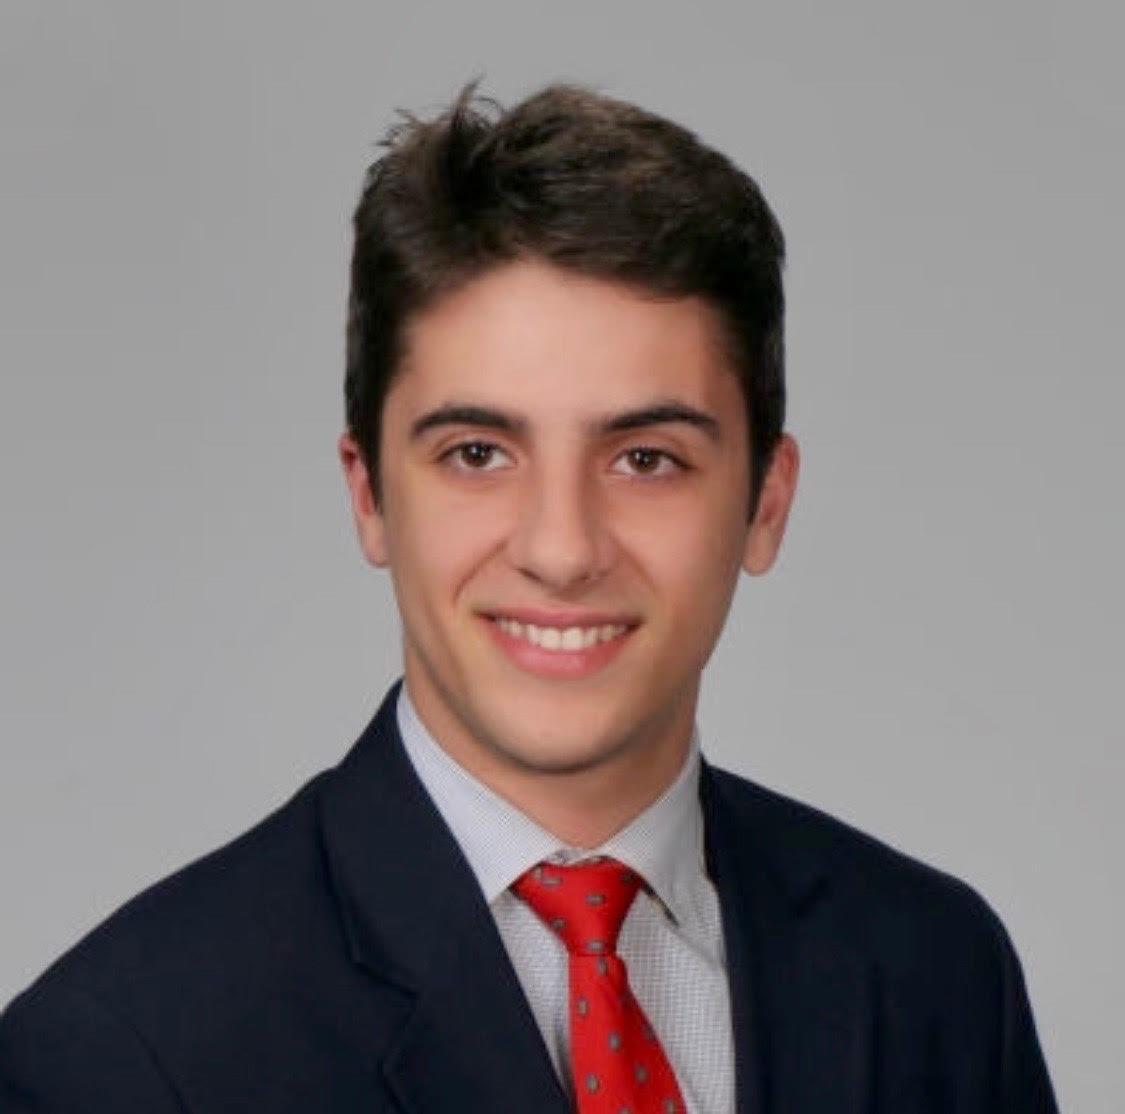 Max Scoli